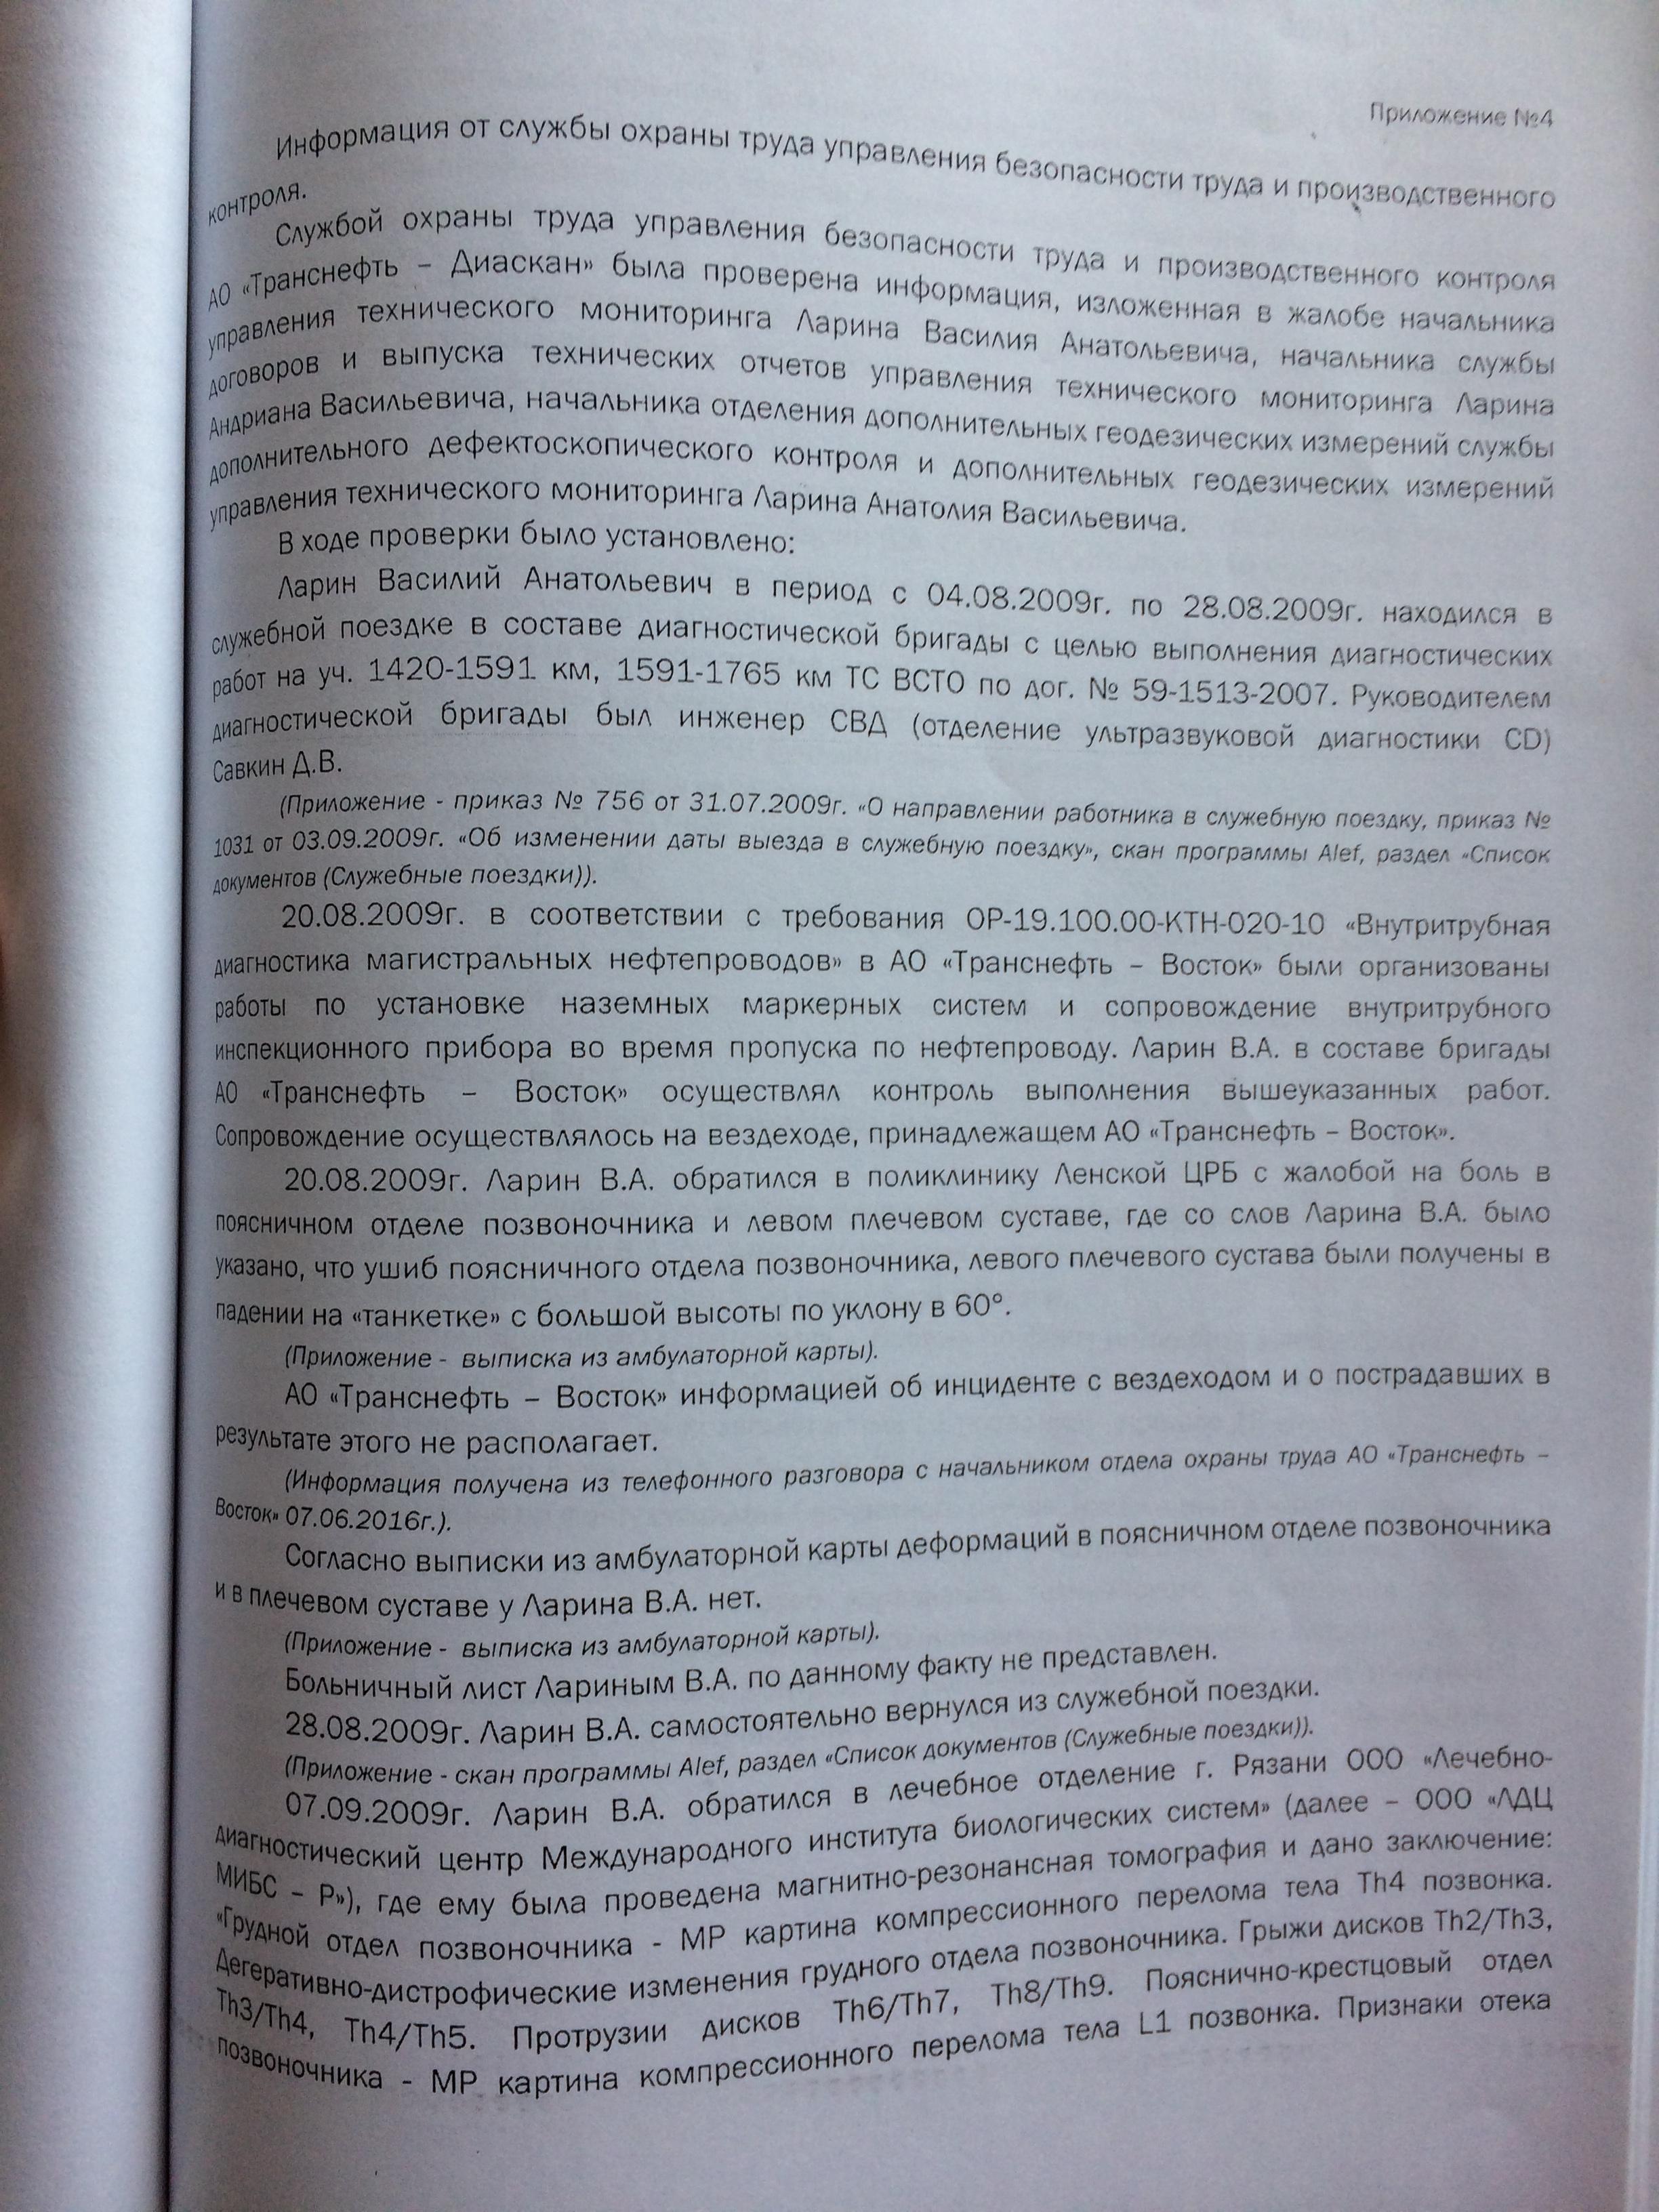 Фото документов проверки Луховицкой городской прокуратурой - 32 (5)